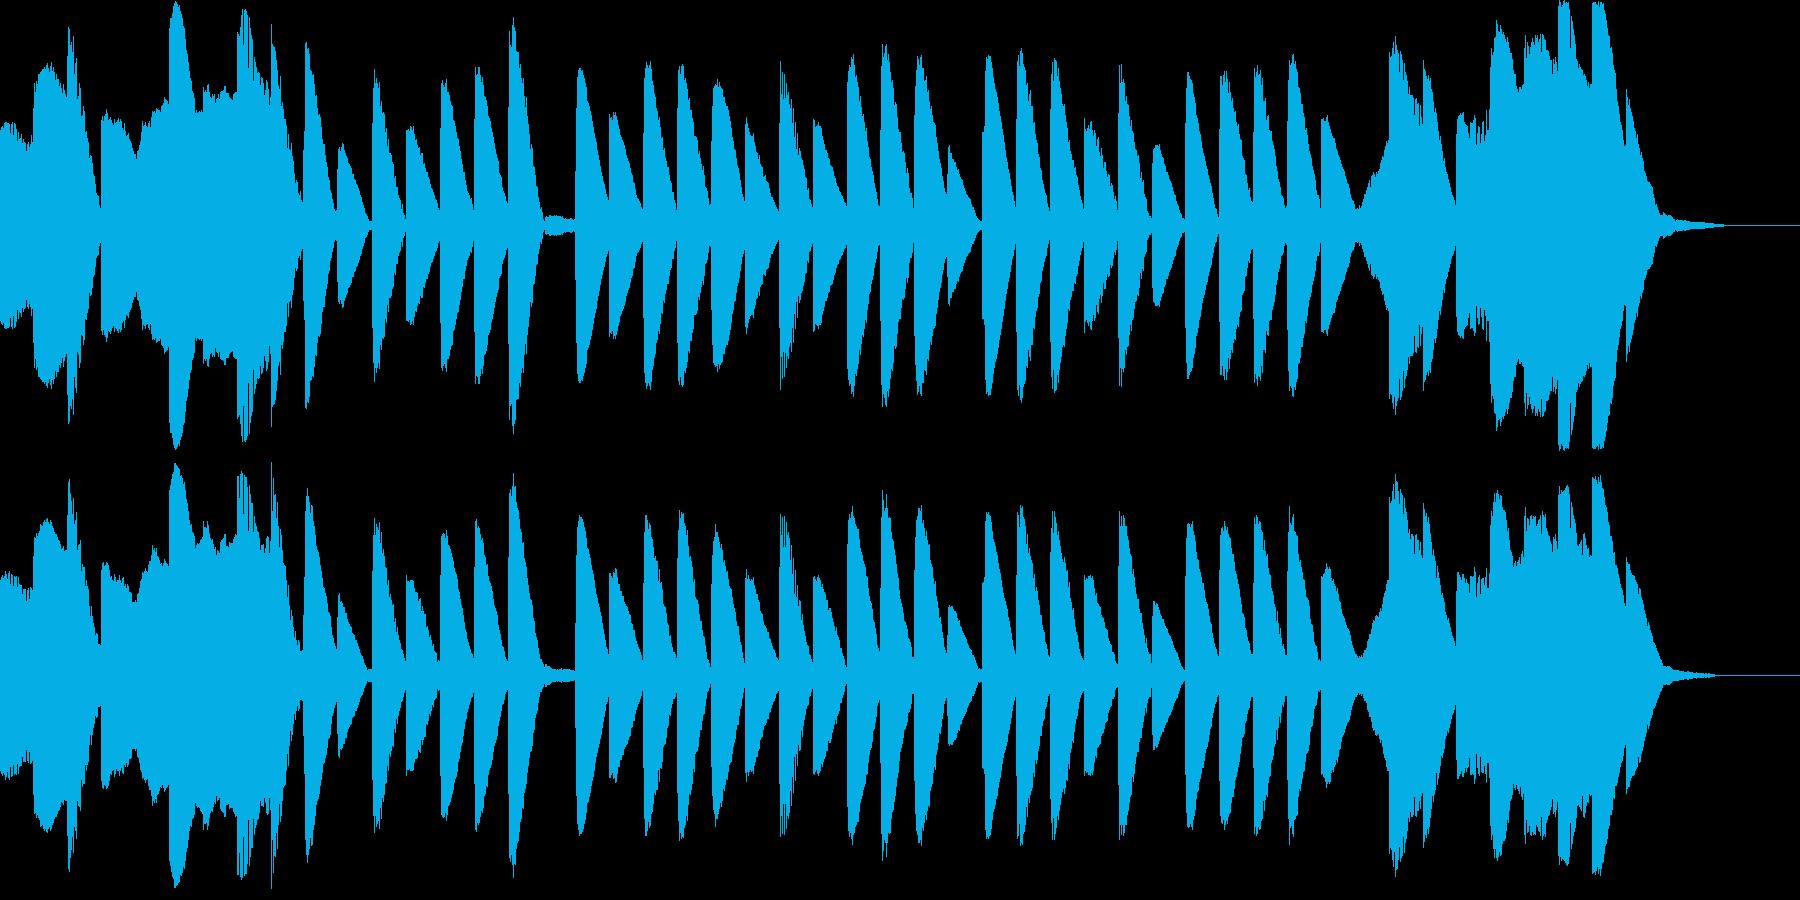 ゲームのようなバラードの再生済みの波形